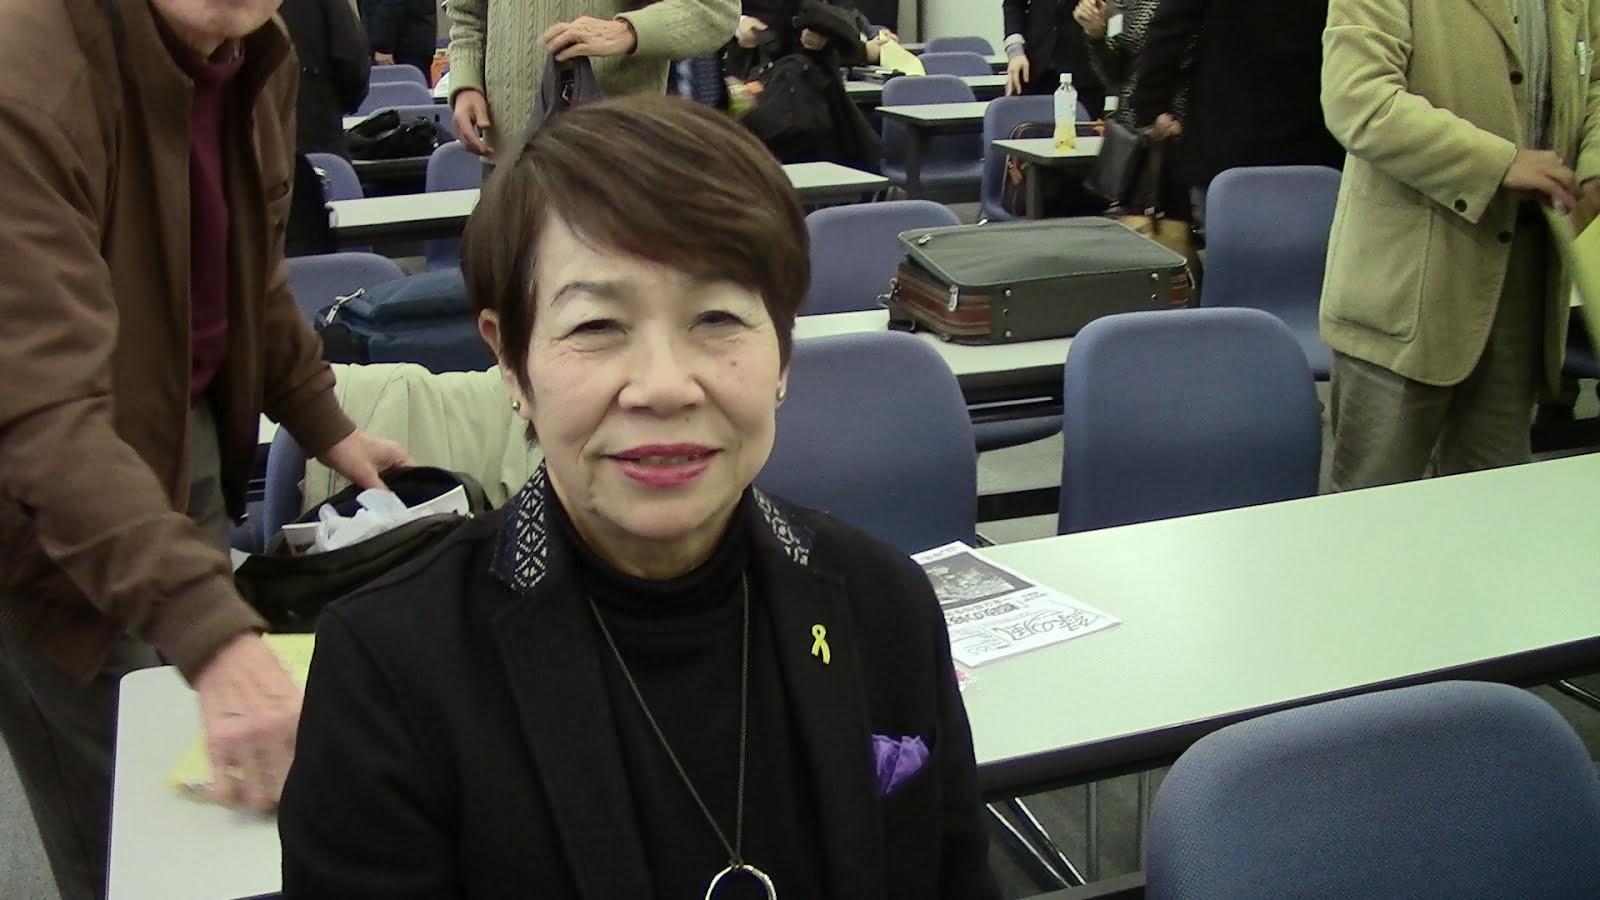 福井典子(渋谷革新懇)    都民運動に精通しもっと力を注ごう!